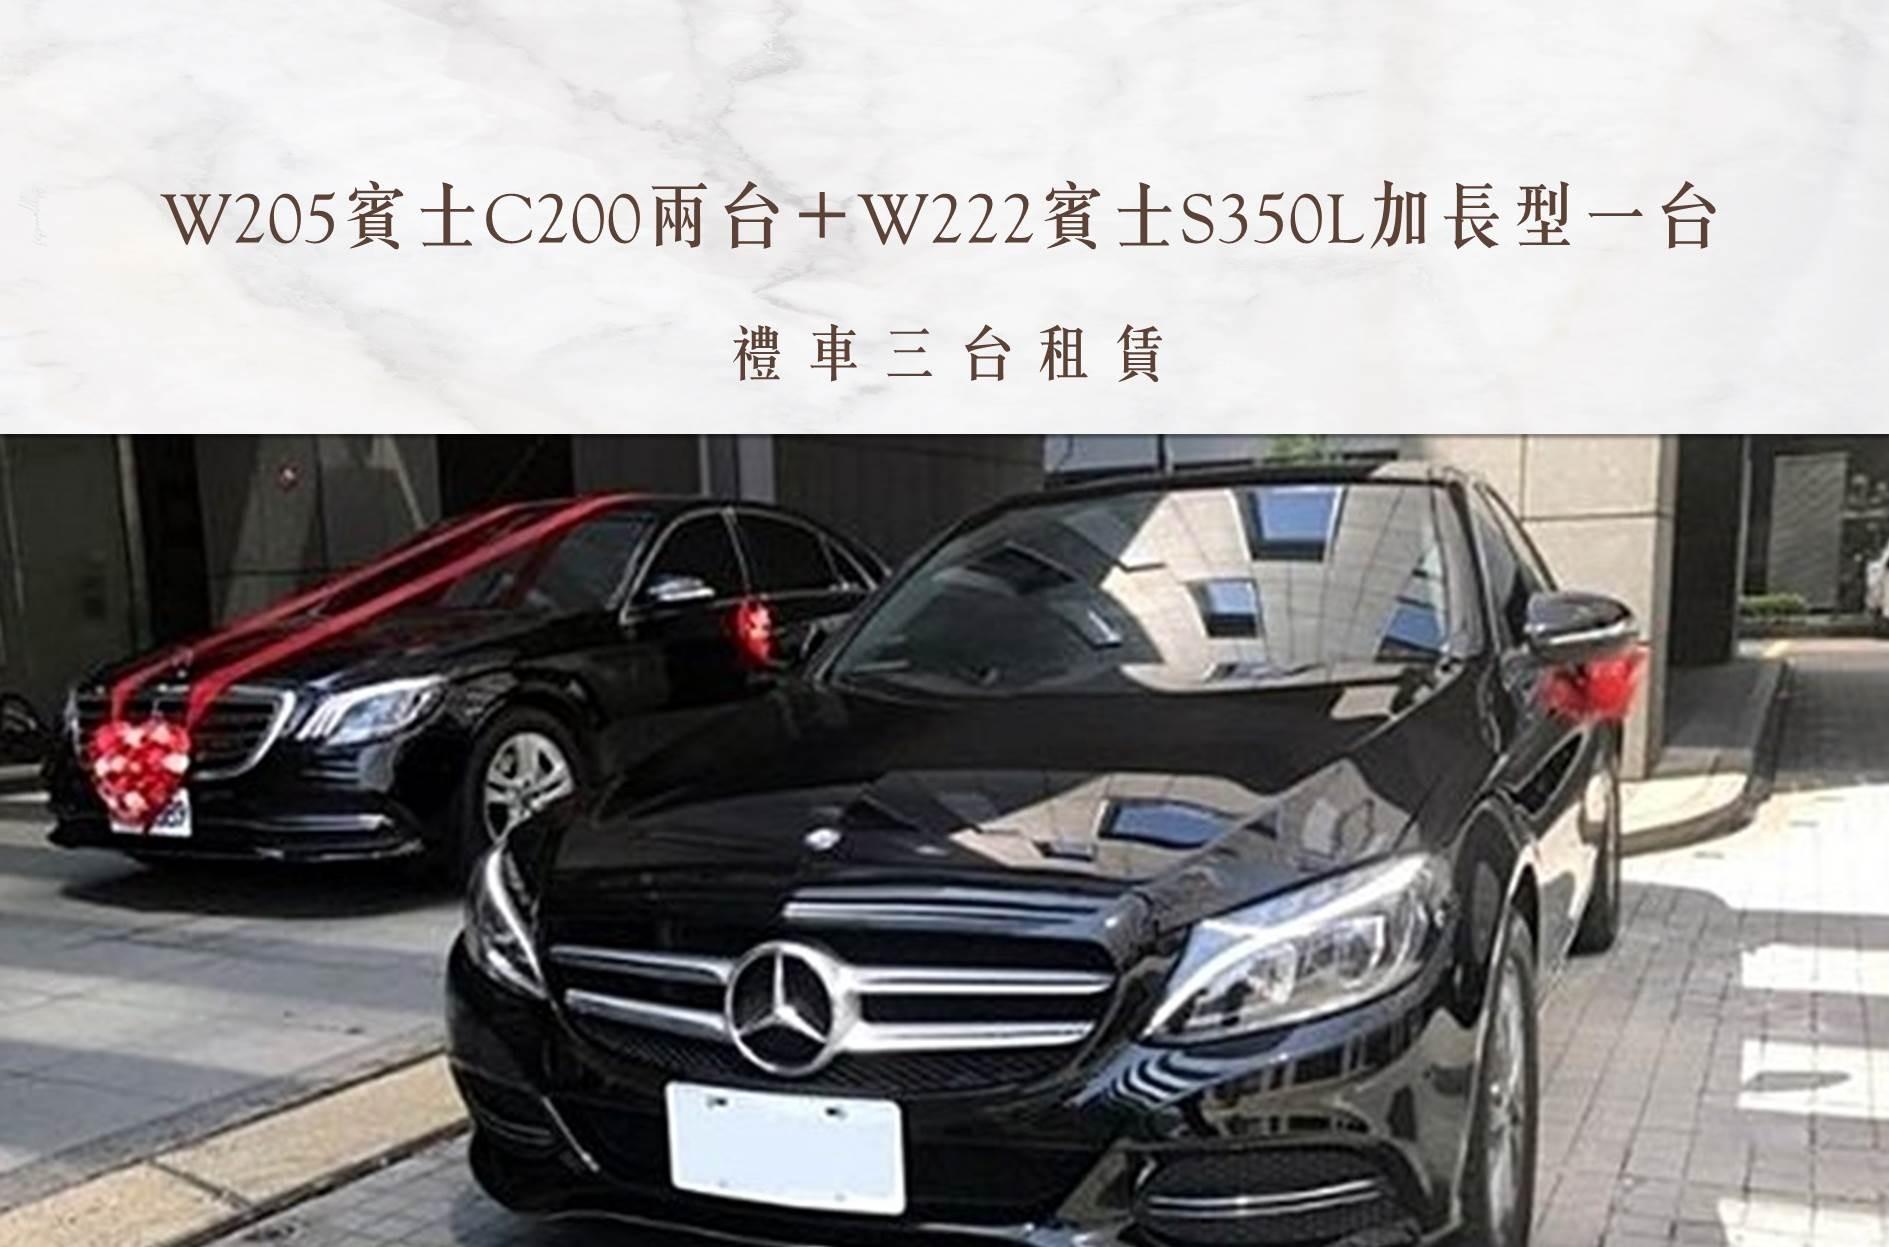 W205賓士C200兩台+W222賓士S350L加長型一台